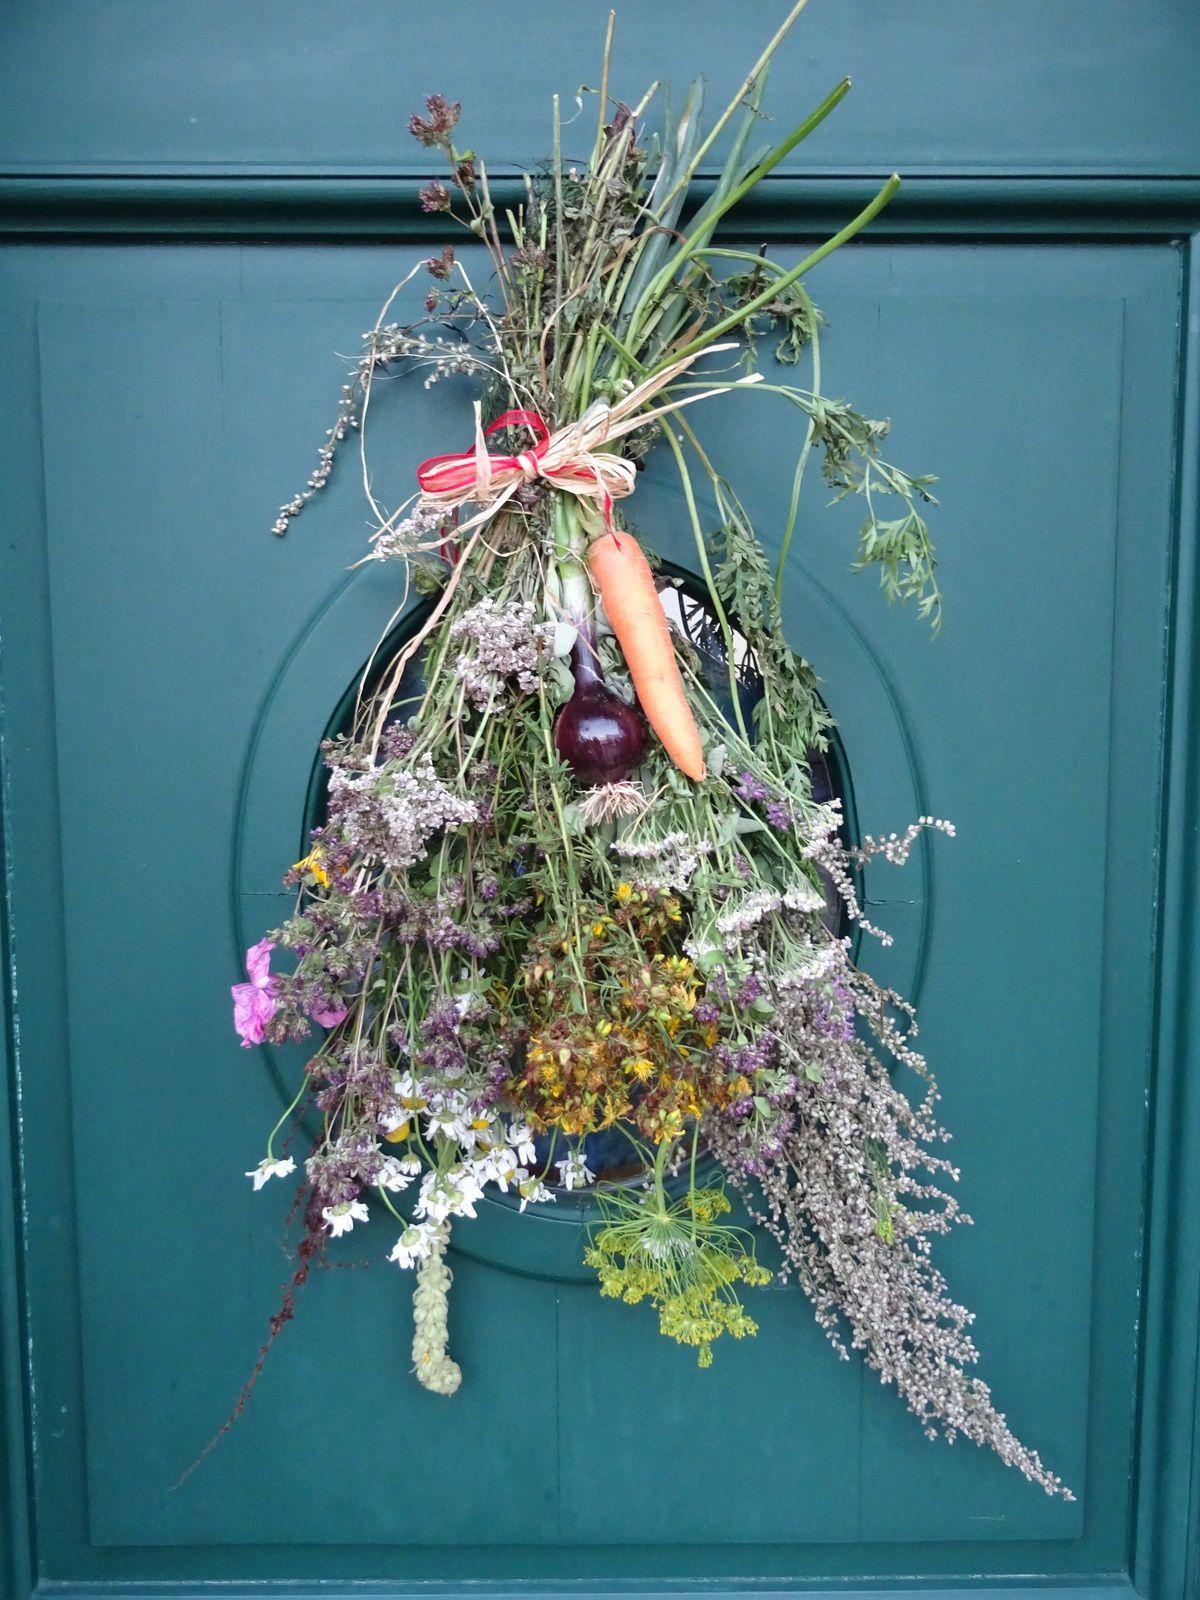 """Le """"Wisch"""" de mon amie Anne-Marie du Luxembourg : il s'agit d'une sorte de bouquet traditionnel avec plantes et légumes du jardin, des champs et des plantes médicinales. Ce Wësch protège la maison et ses composants sont utilisés au cours de l'année en cas de besoin. 19 août 2016"""